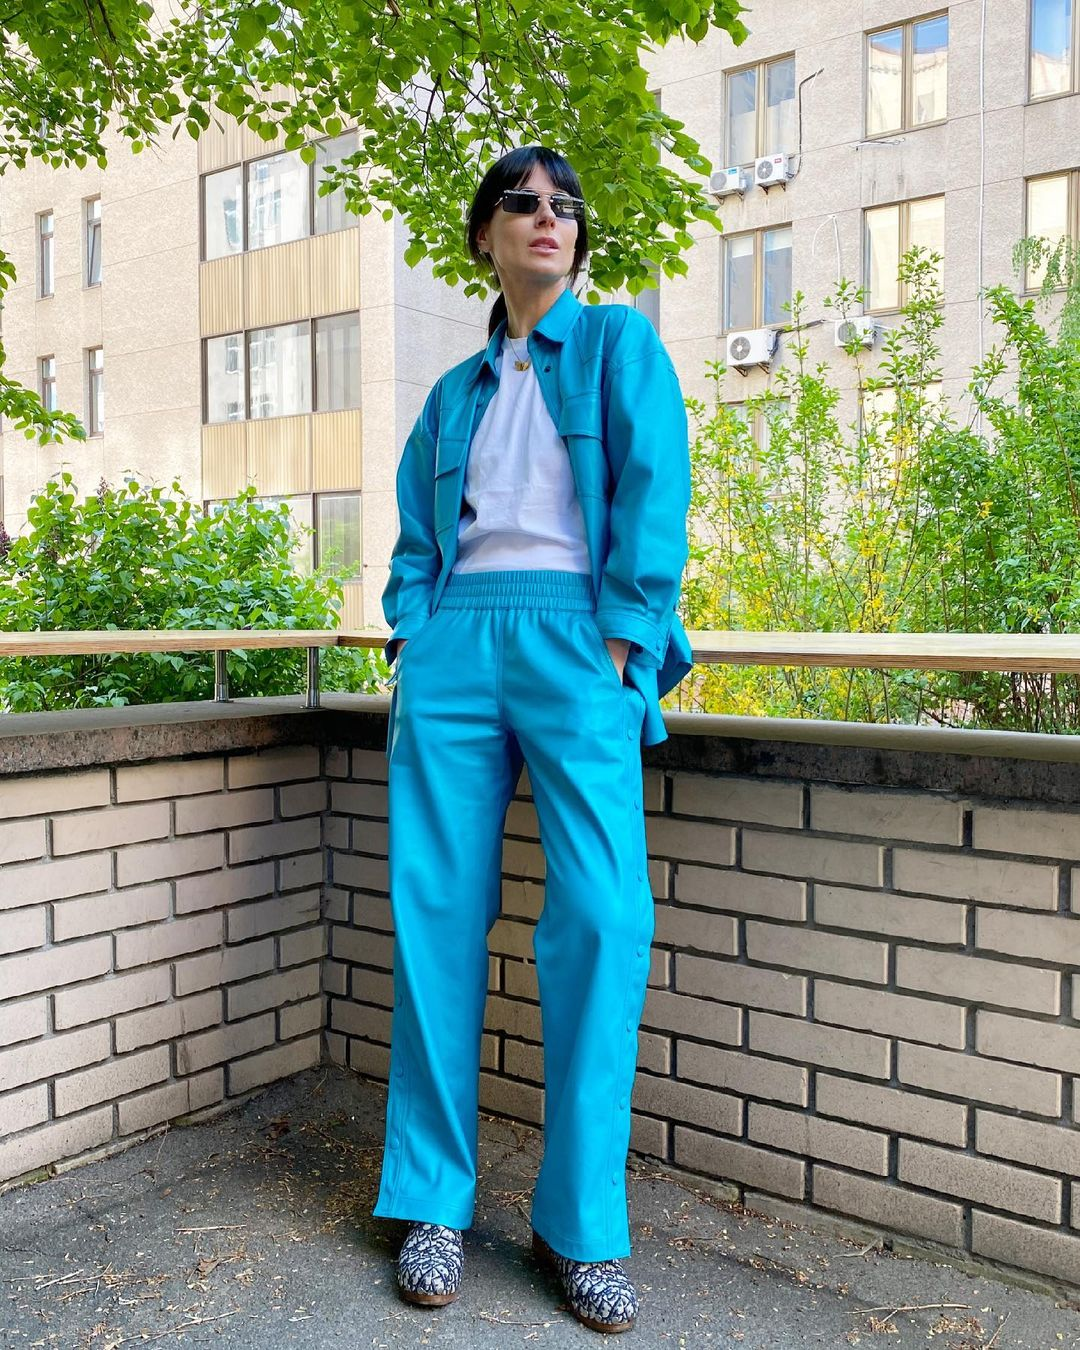 Тренчи, брюки и свитшоты: лучшие street style образы Маши Ефросининой